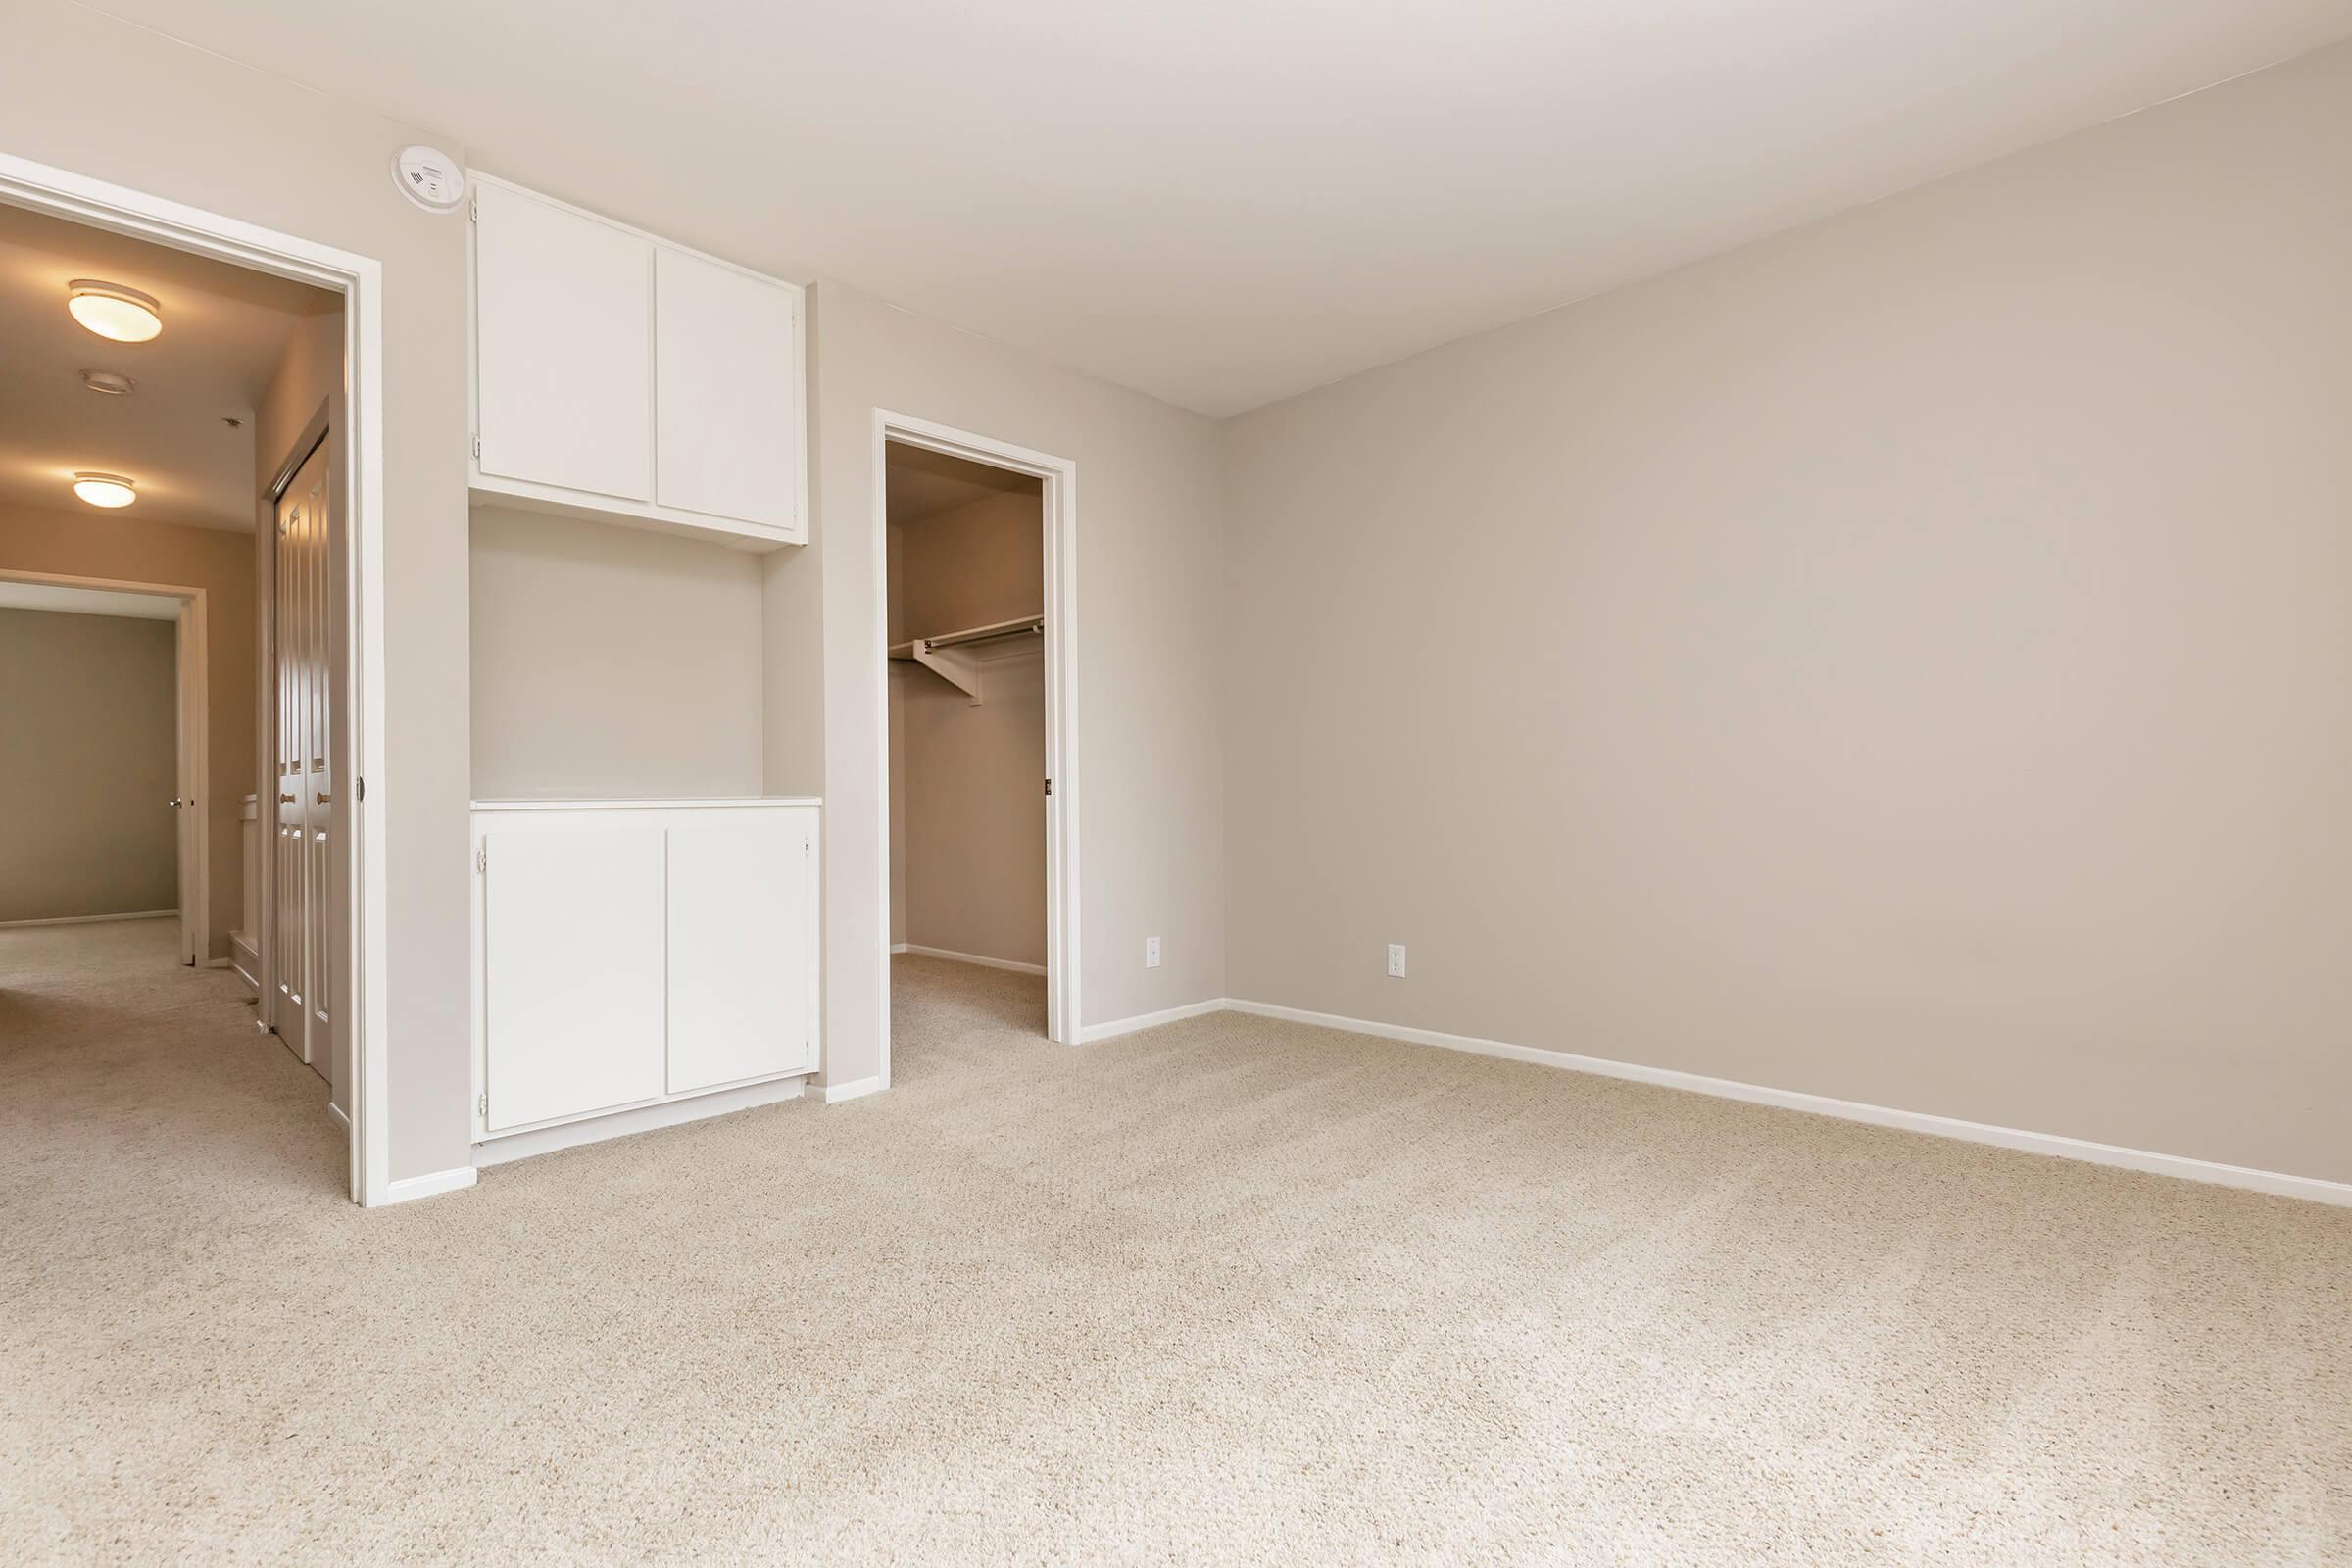 Vacant bedroom with open walk-in closet door